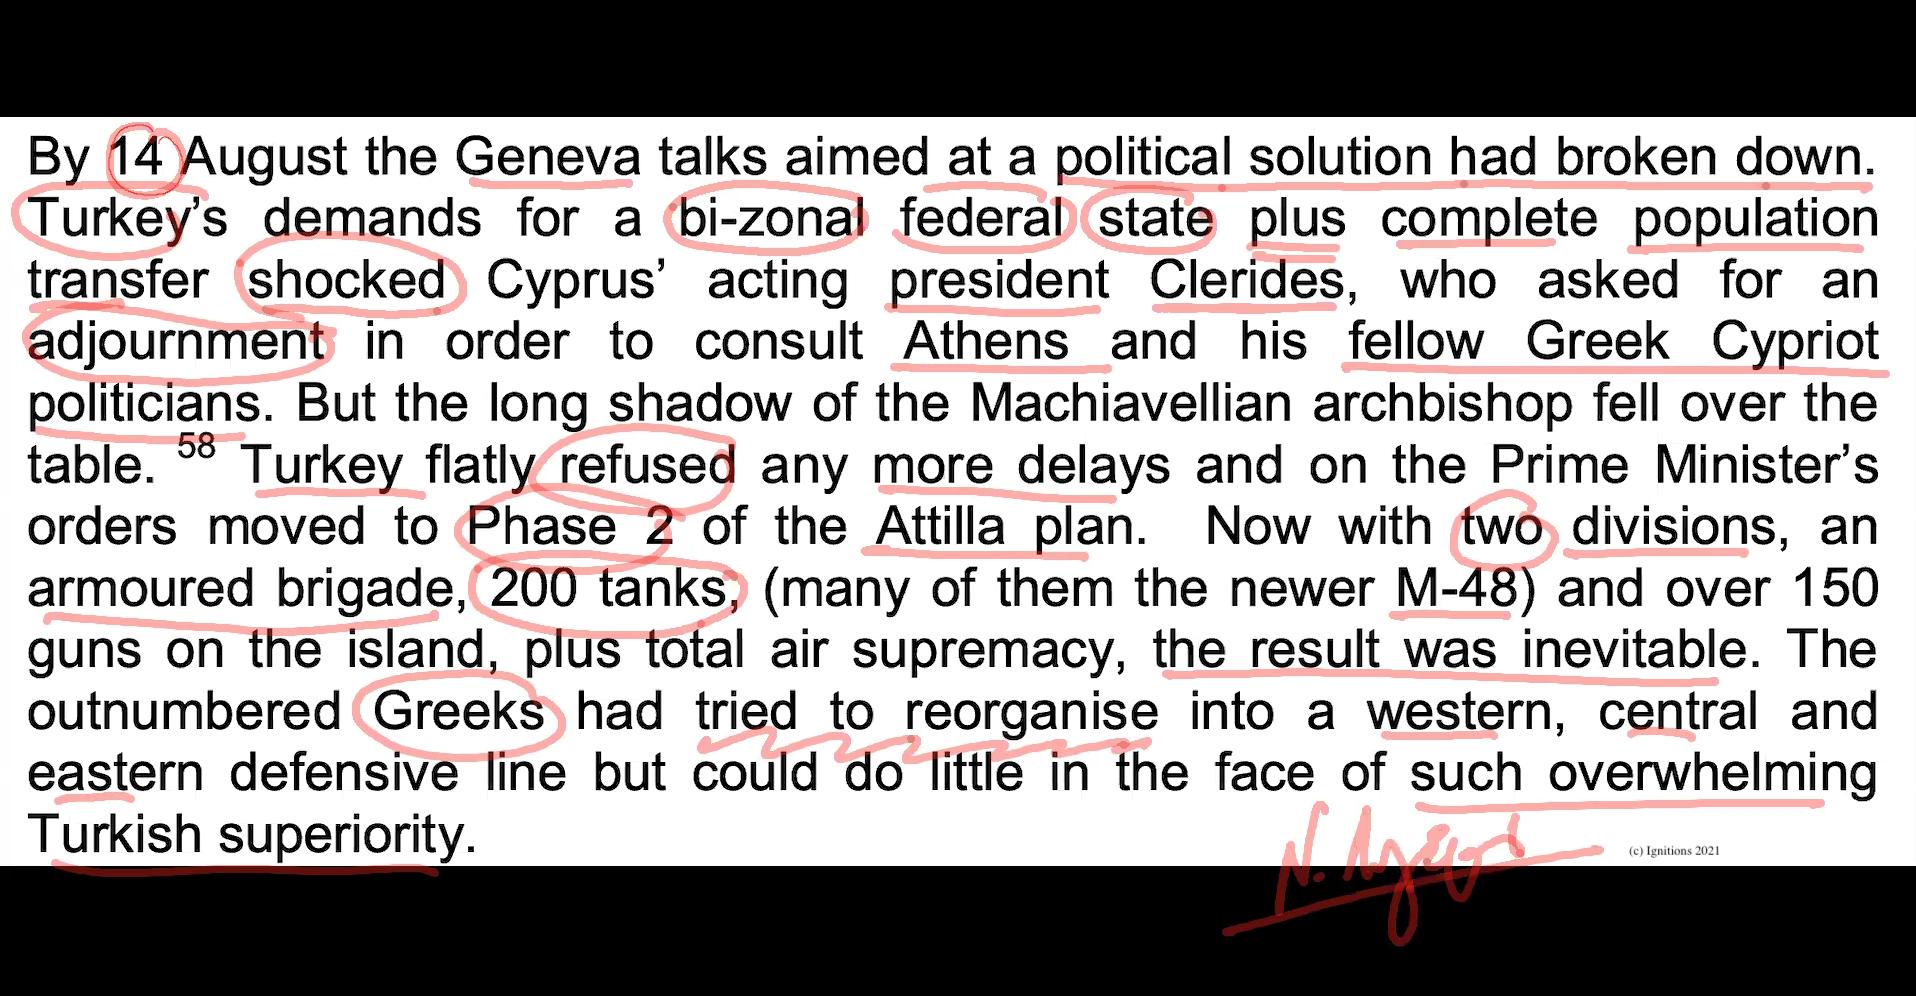 63521 - e-Masterclass IX: Η Μάχη της Κύπρου. Covid Free. (Dessin)